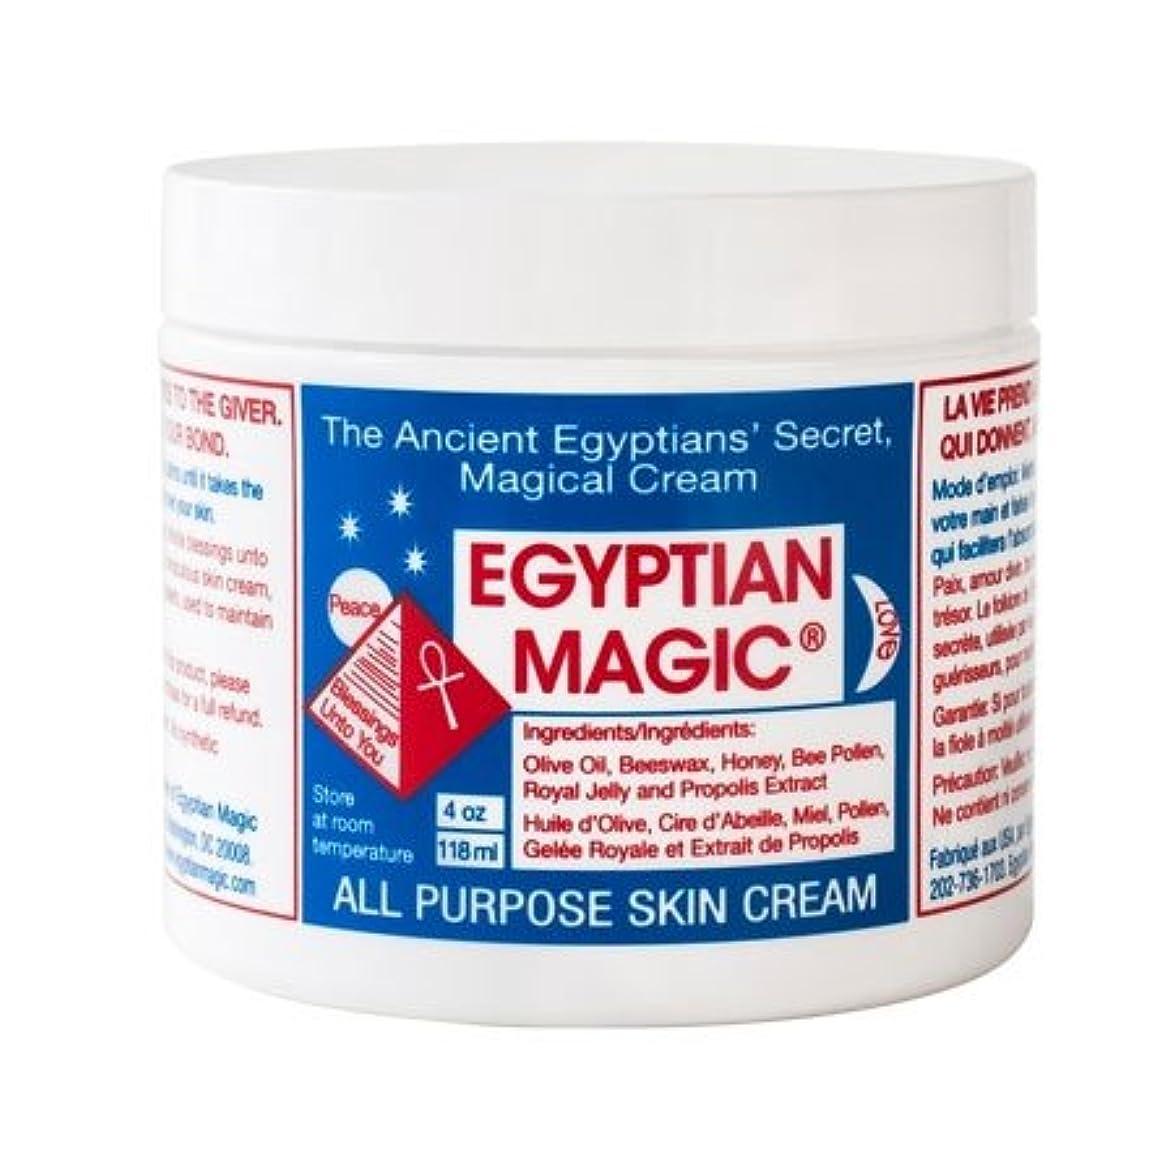 唇規則性センチメートルエジプシャンマジック エジプシャン マジック クリーム 118ml 海外仕様パッケージ